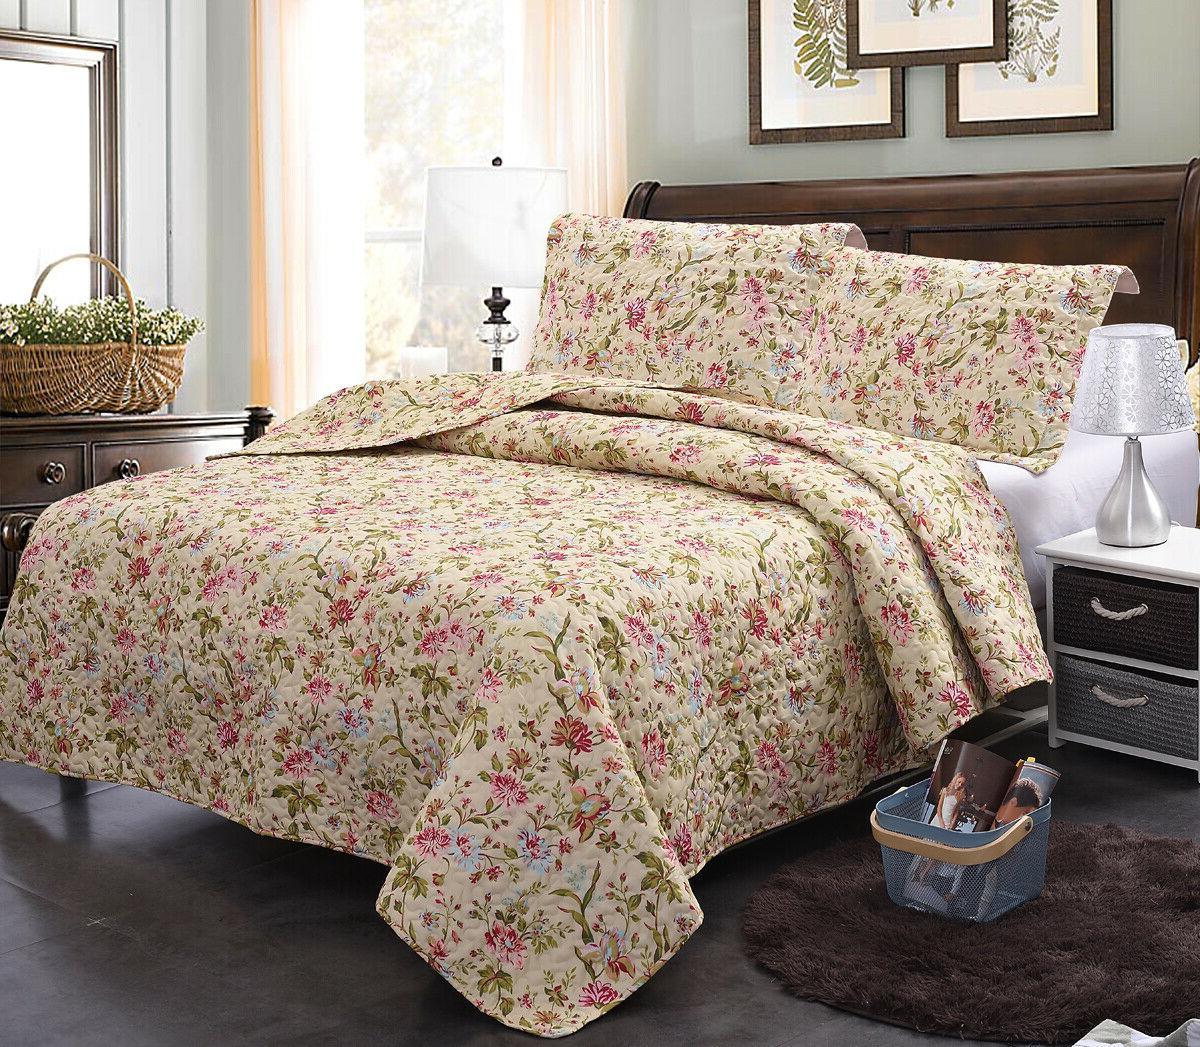 3-Piece Quilt Set Bedspread Spring Rose Floral Coverlet Reve